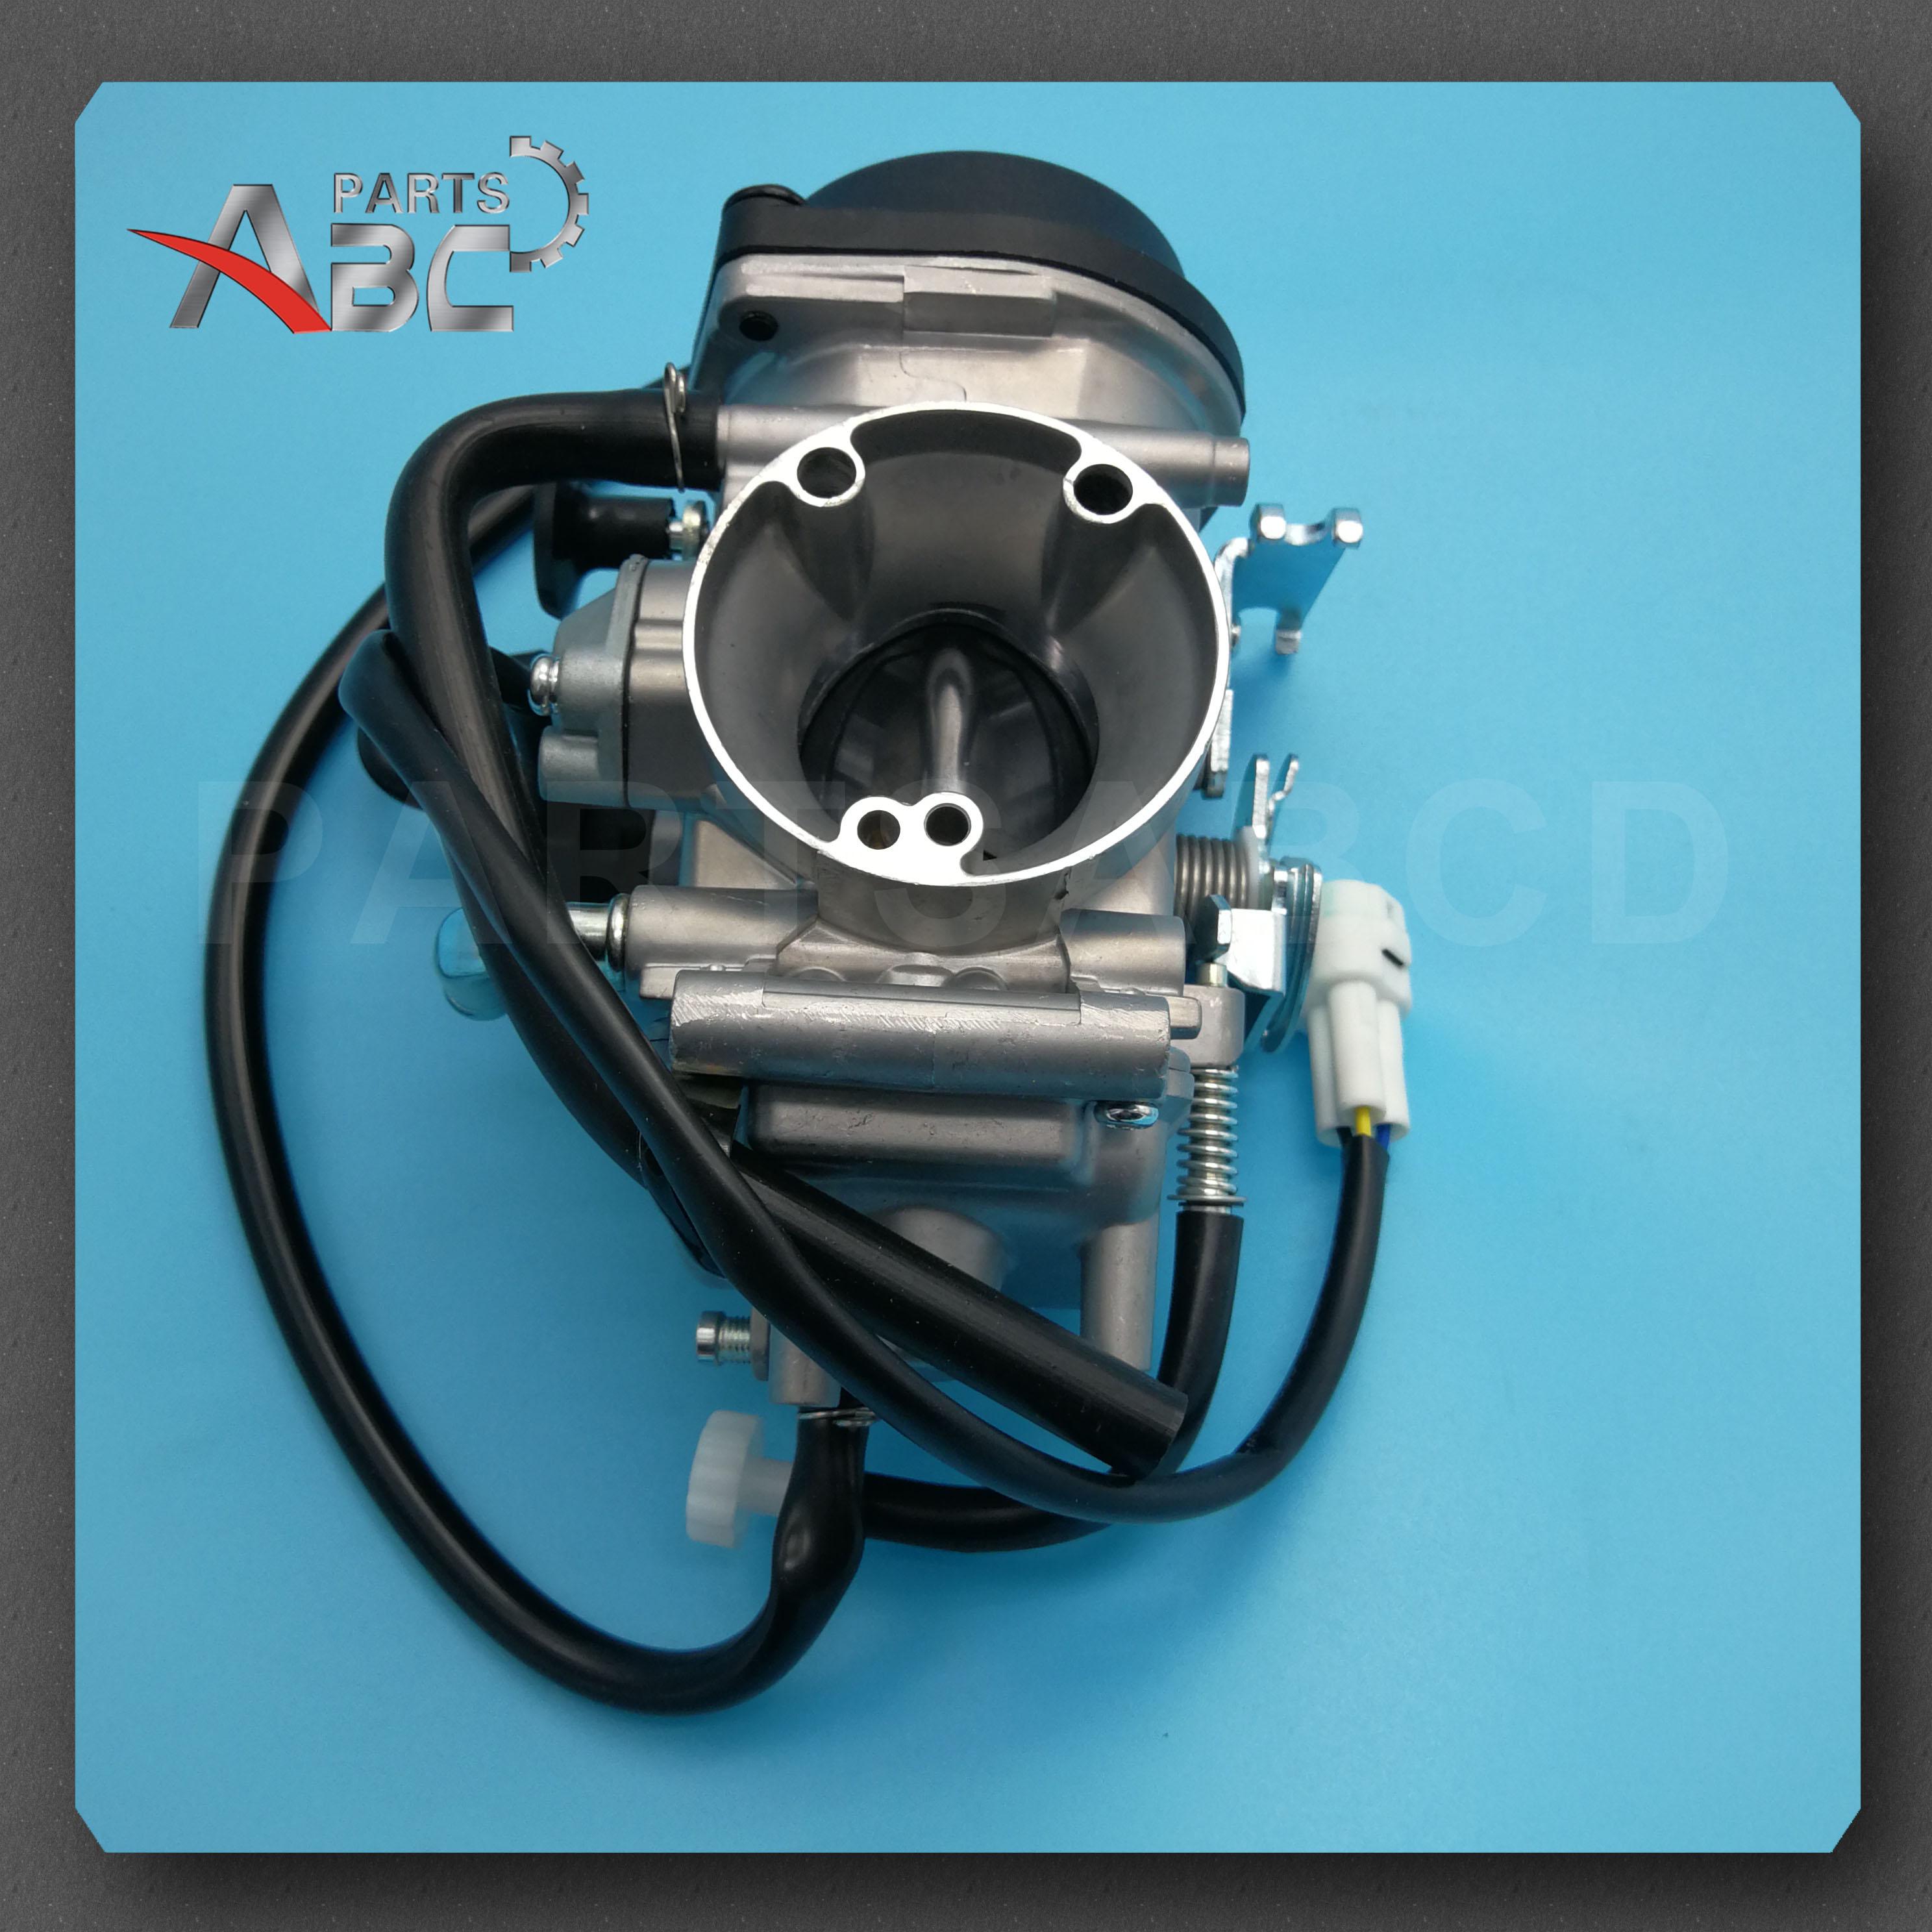 Carburetor for Suzuki DRZ 400 DRZ400 DRZ400S DRZ400SM Vergaser enlarge